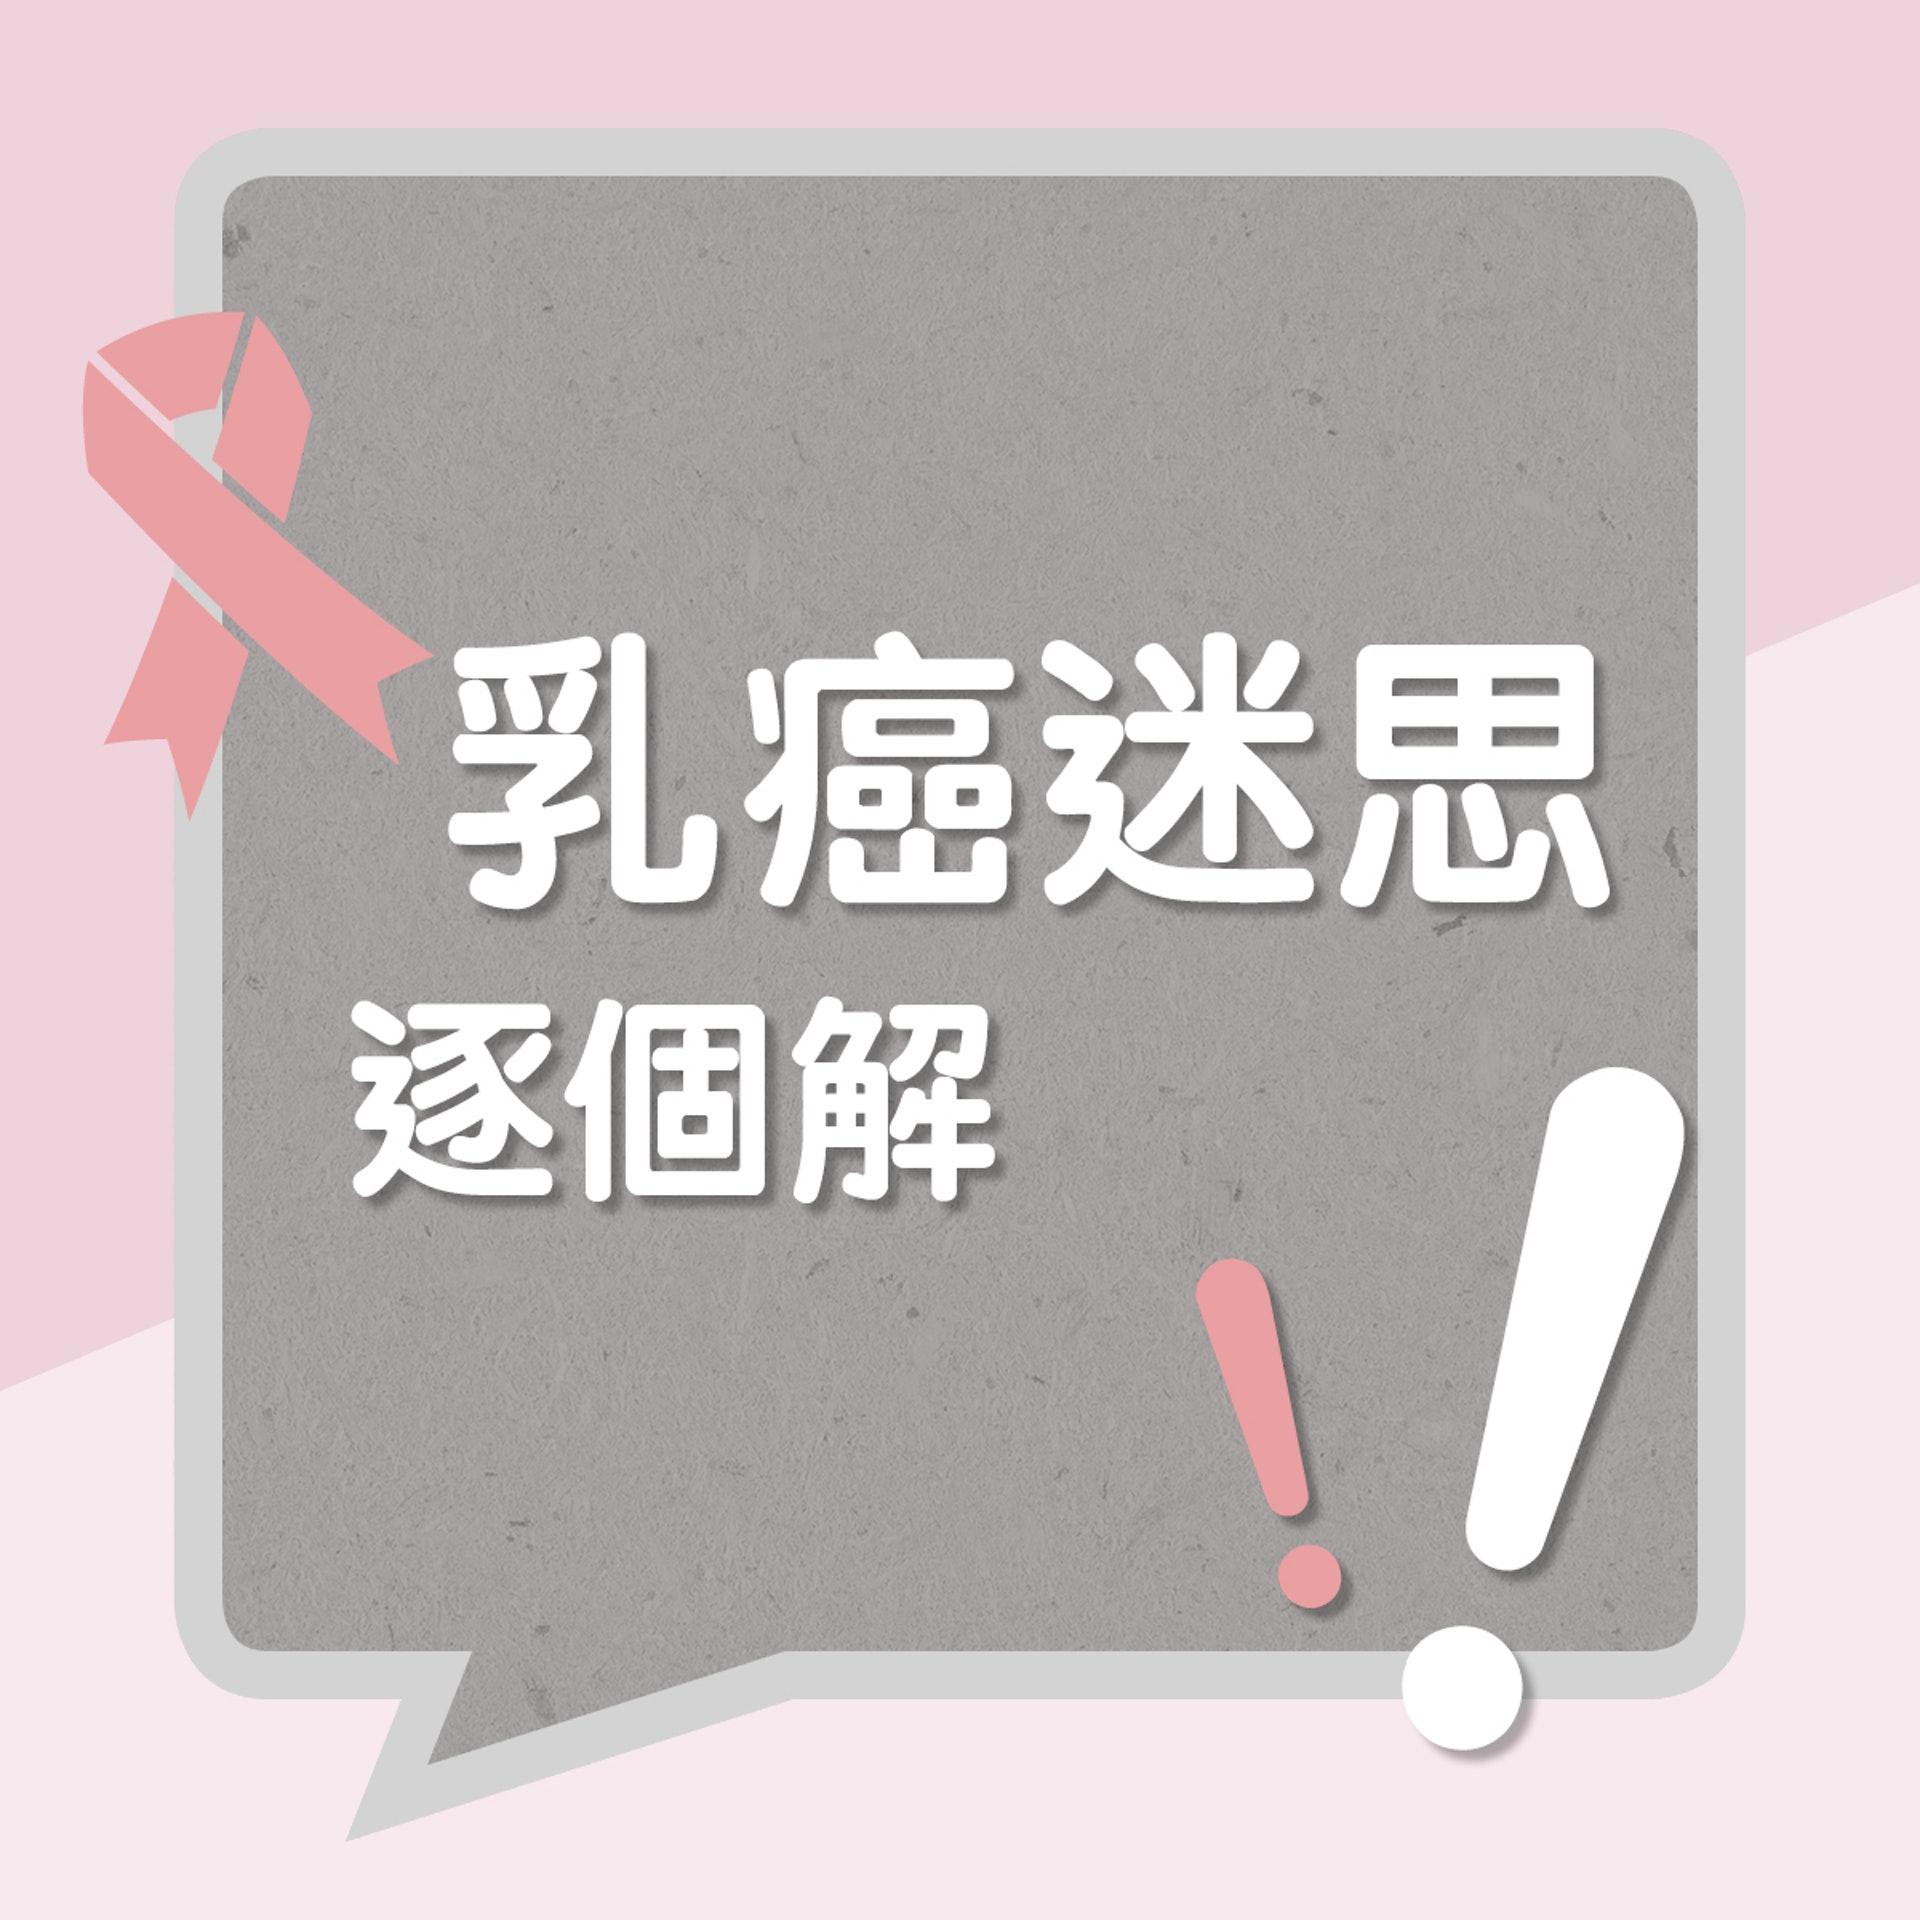 乳癌迷思逐個解!(01製圖)